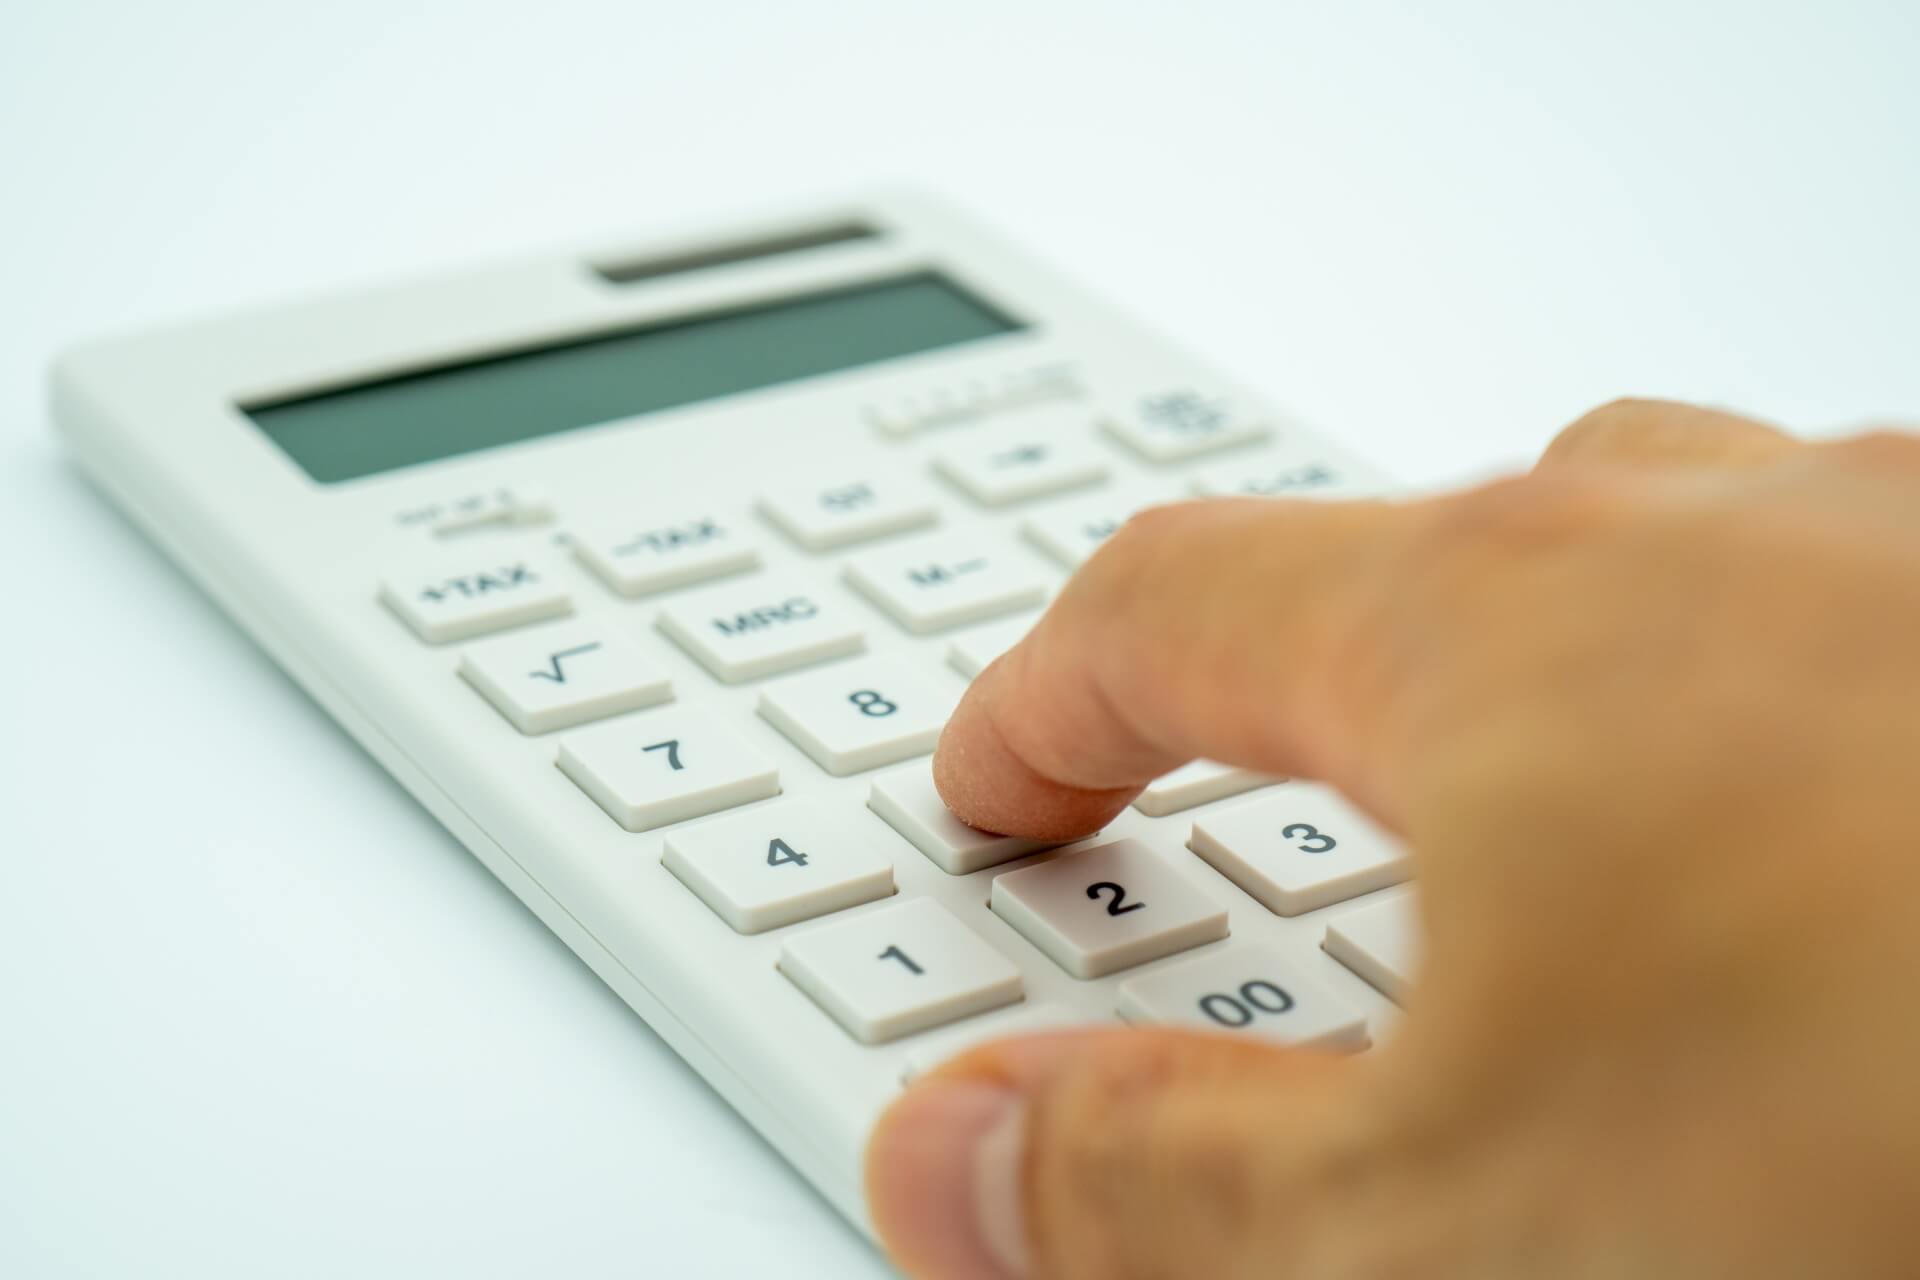 アパート経営で経費になる支出一覧